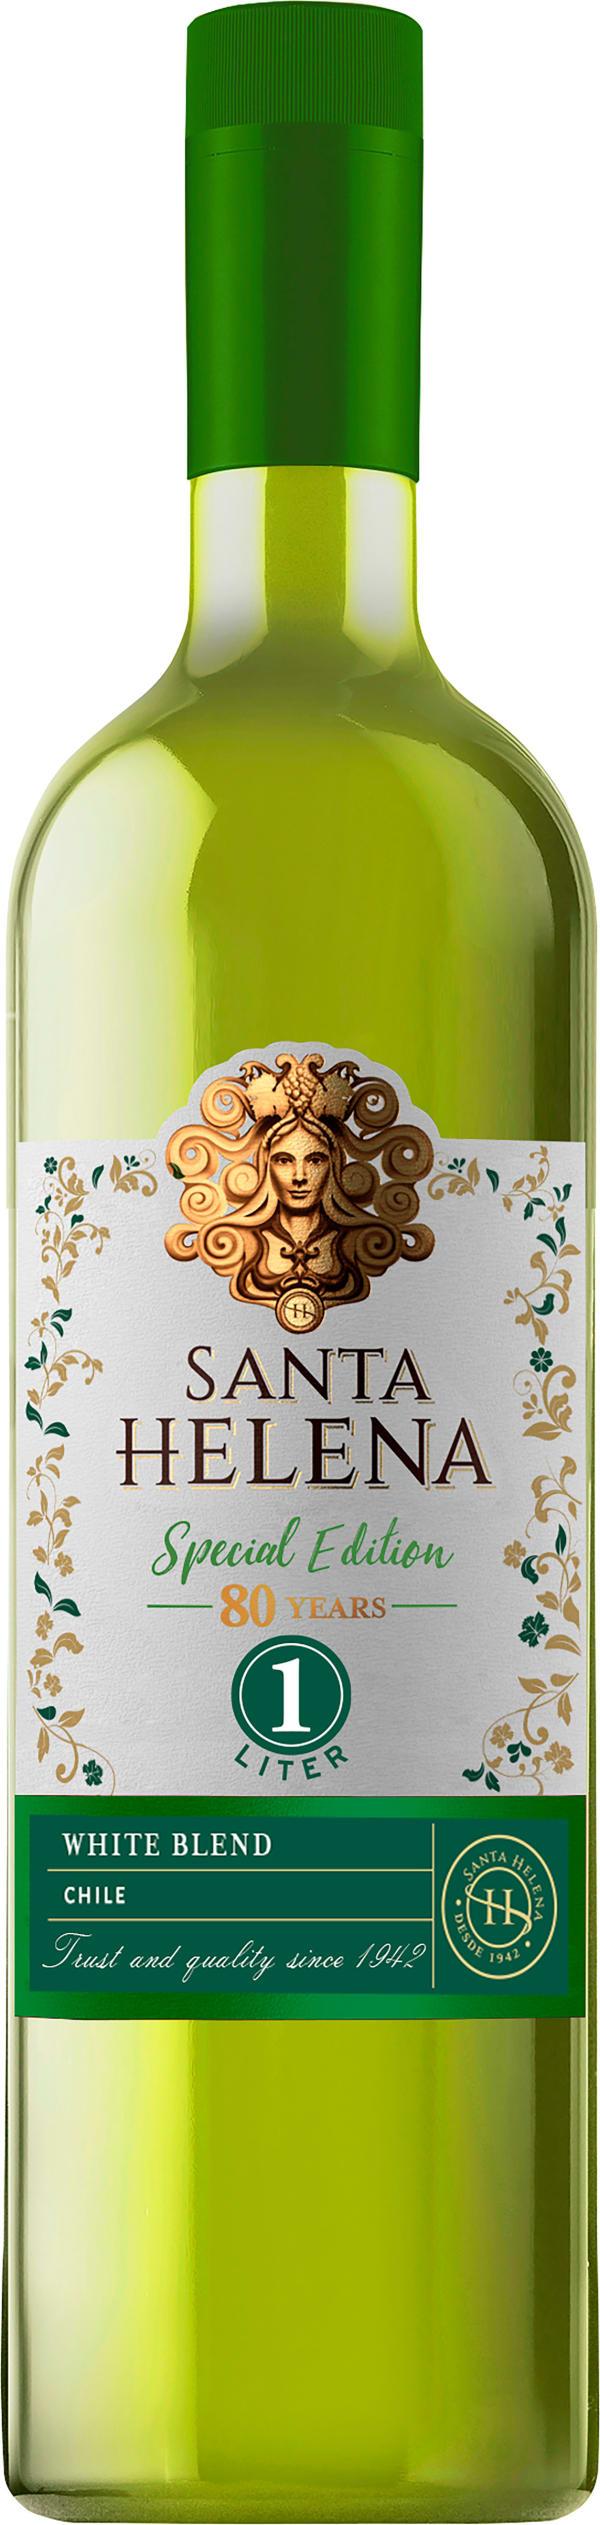 Santa Helena Varietal White Blend 2020 plastic bottle